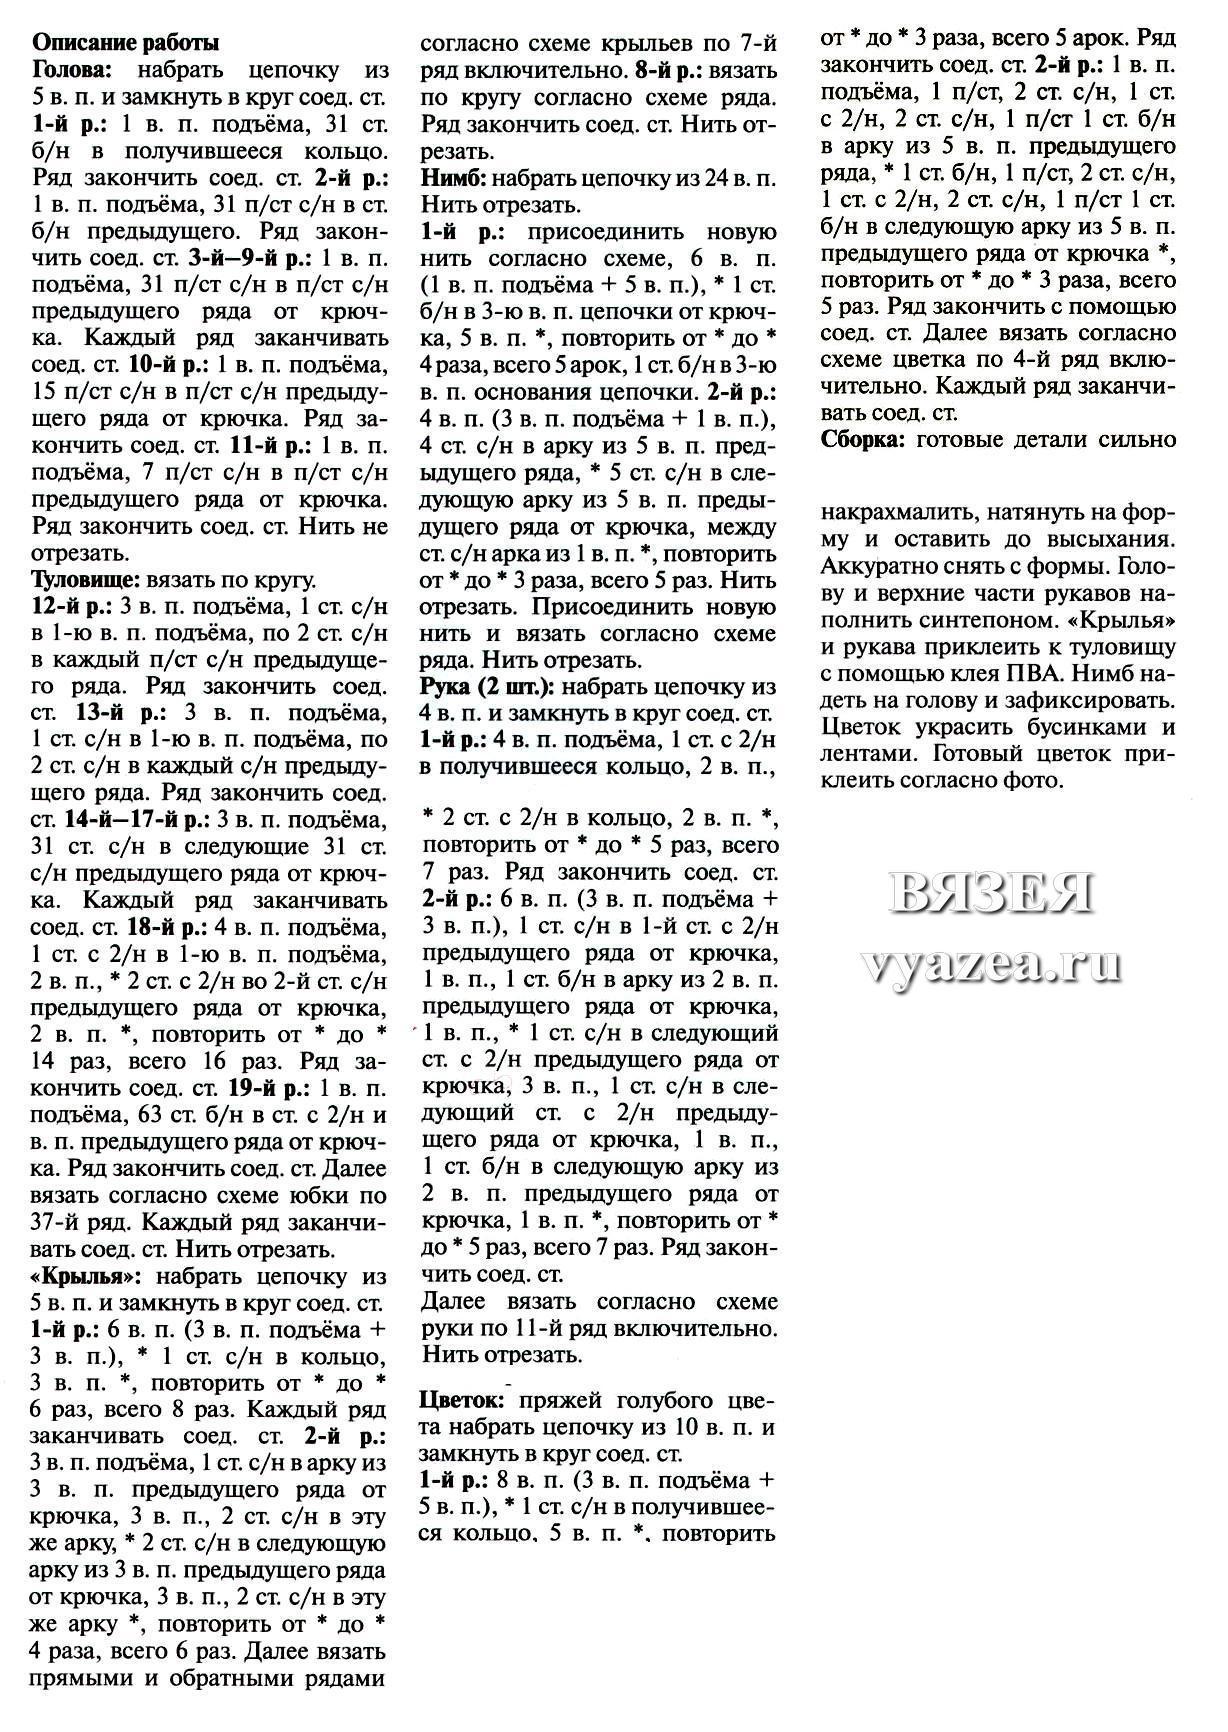 http://vyazea.ru/novog/cxema15(2).jpg